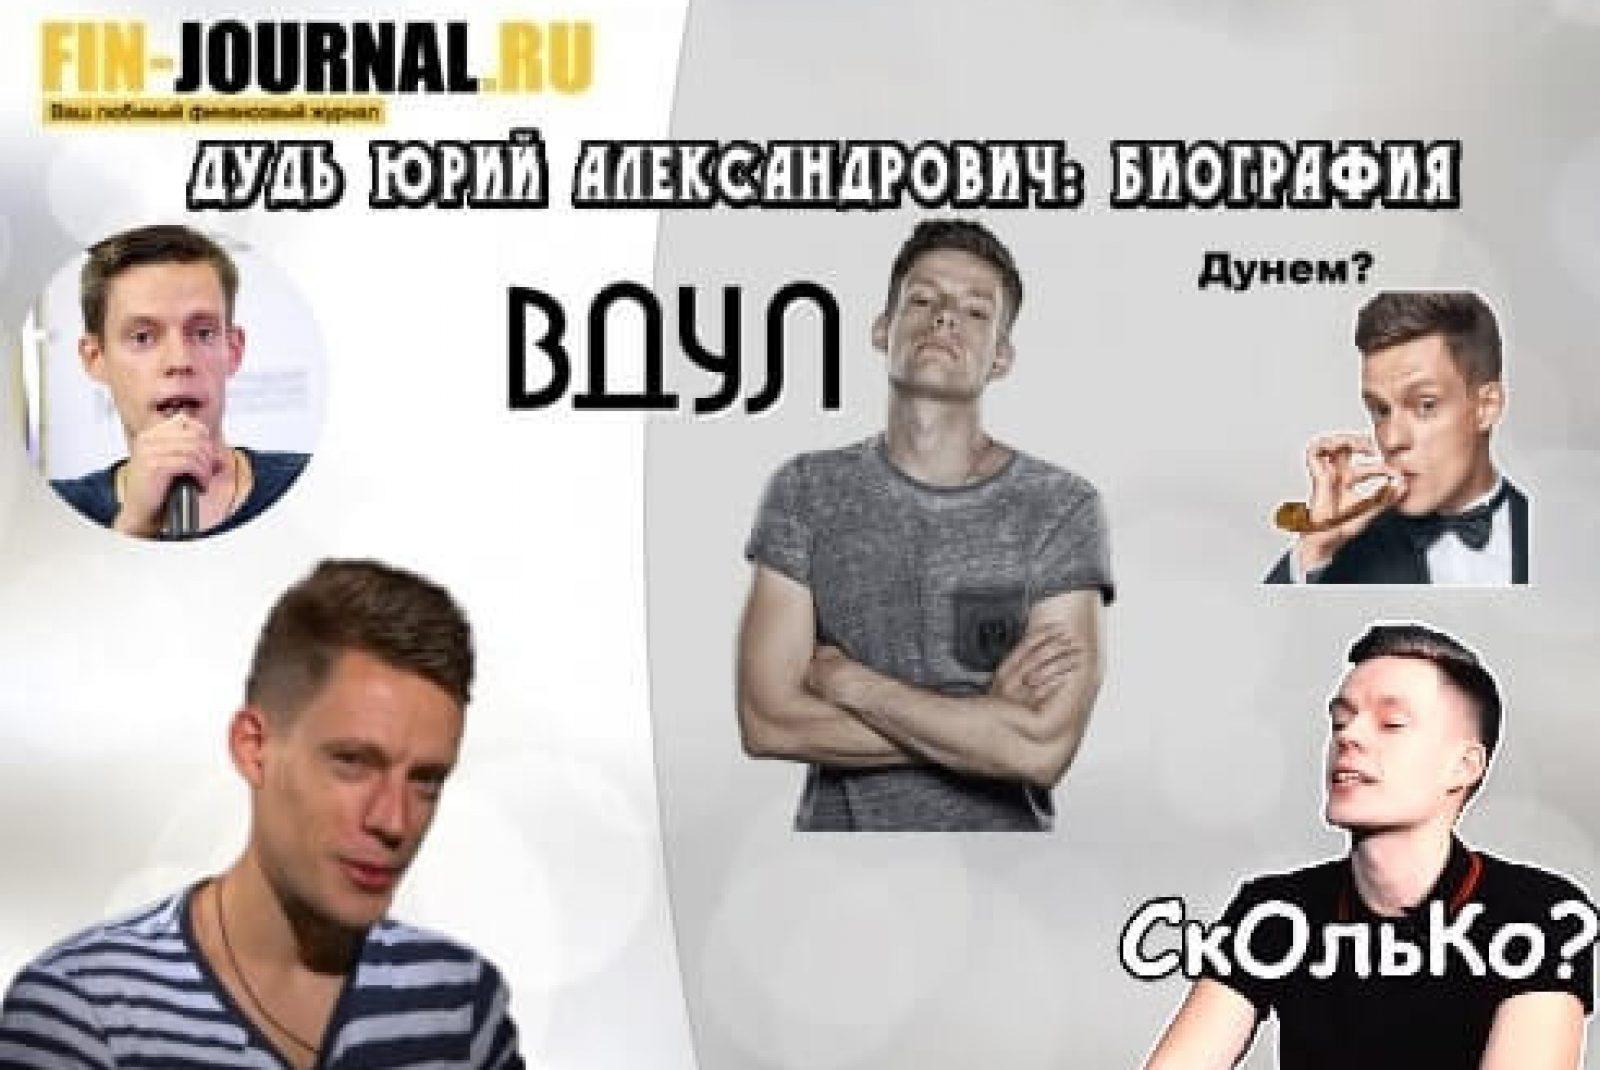 Дудь Юрий Александрович: биография, факты, работа